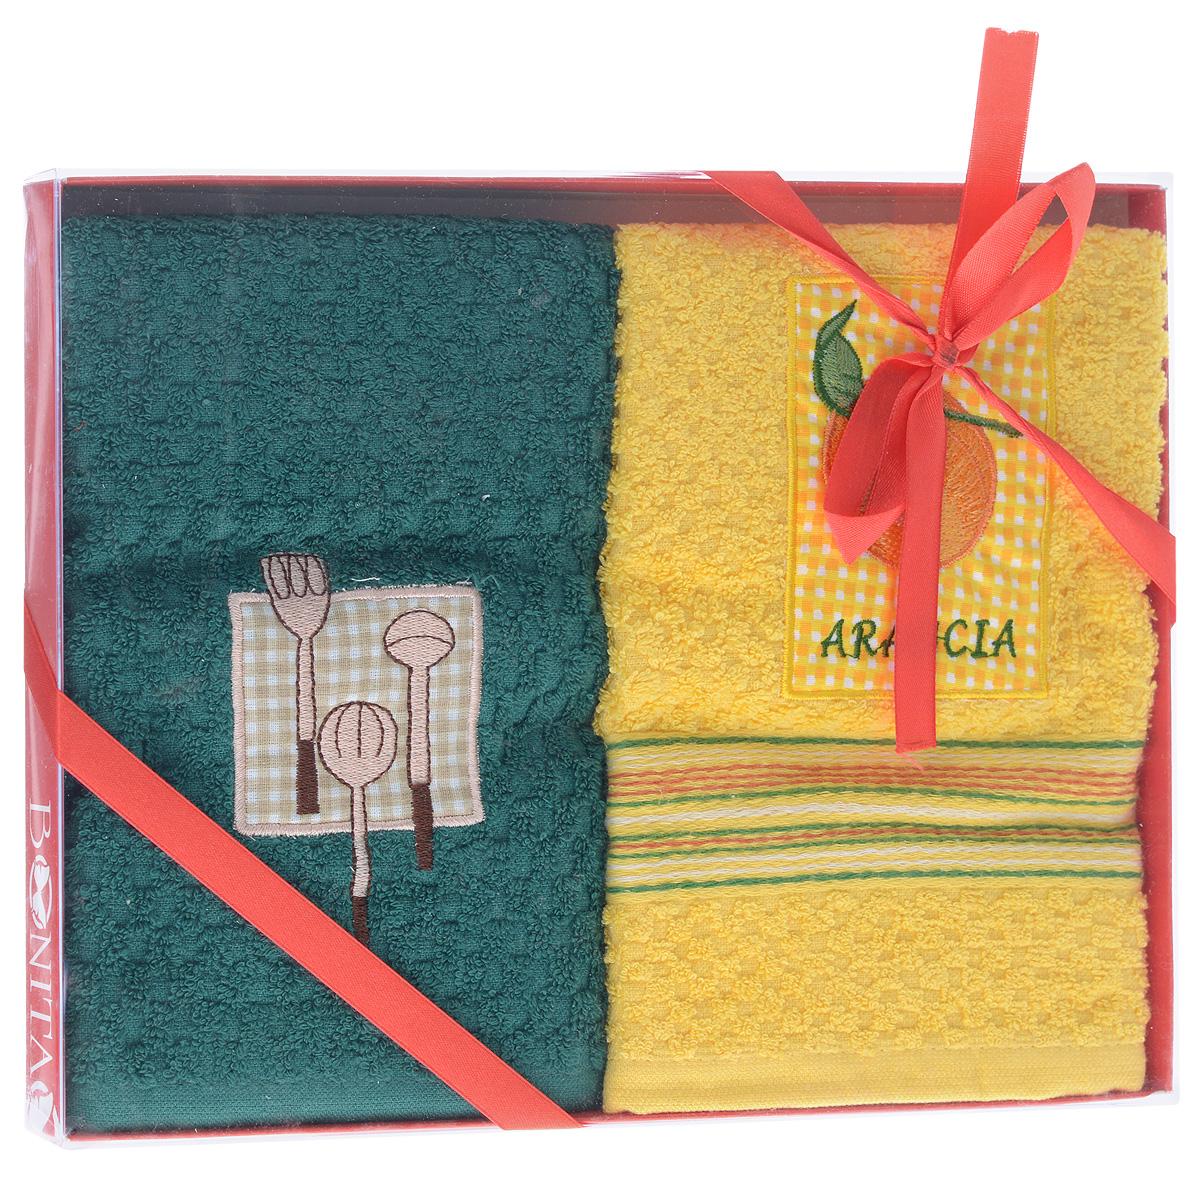 Набор махровых полотенец Bonita Солнечный, цвет: желтый, зеленый, 40 см х 60 см, 2 шт20100313373_желтое/зеленоеНабор Bonita Солнечный состоит из двух махровых полотенец, выполненных из хлопка желтого и зеленого цветов. Полотенца оформлены изящной вышивкой. Такой набор оригинально украсит интерьер и будет уместен как на кухне, так и ванной. Прекрасно подойдет в качестве подарка, который окажется не только приятным, но и полезным в хозяйстве. Размер полотенец: 40 см х 60 см.